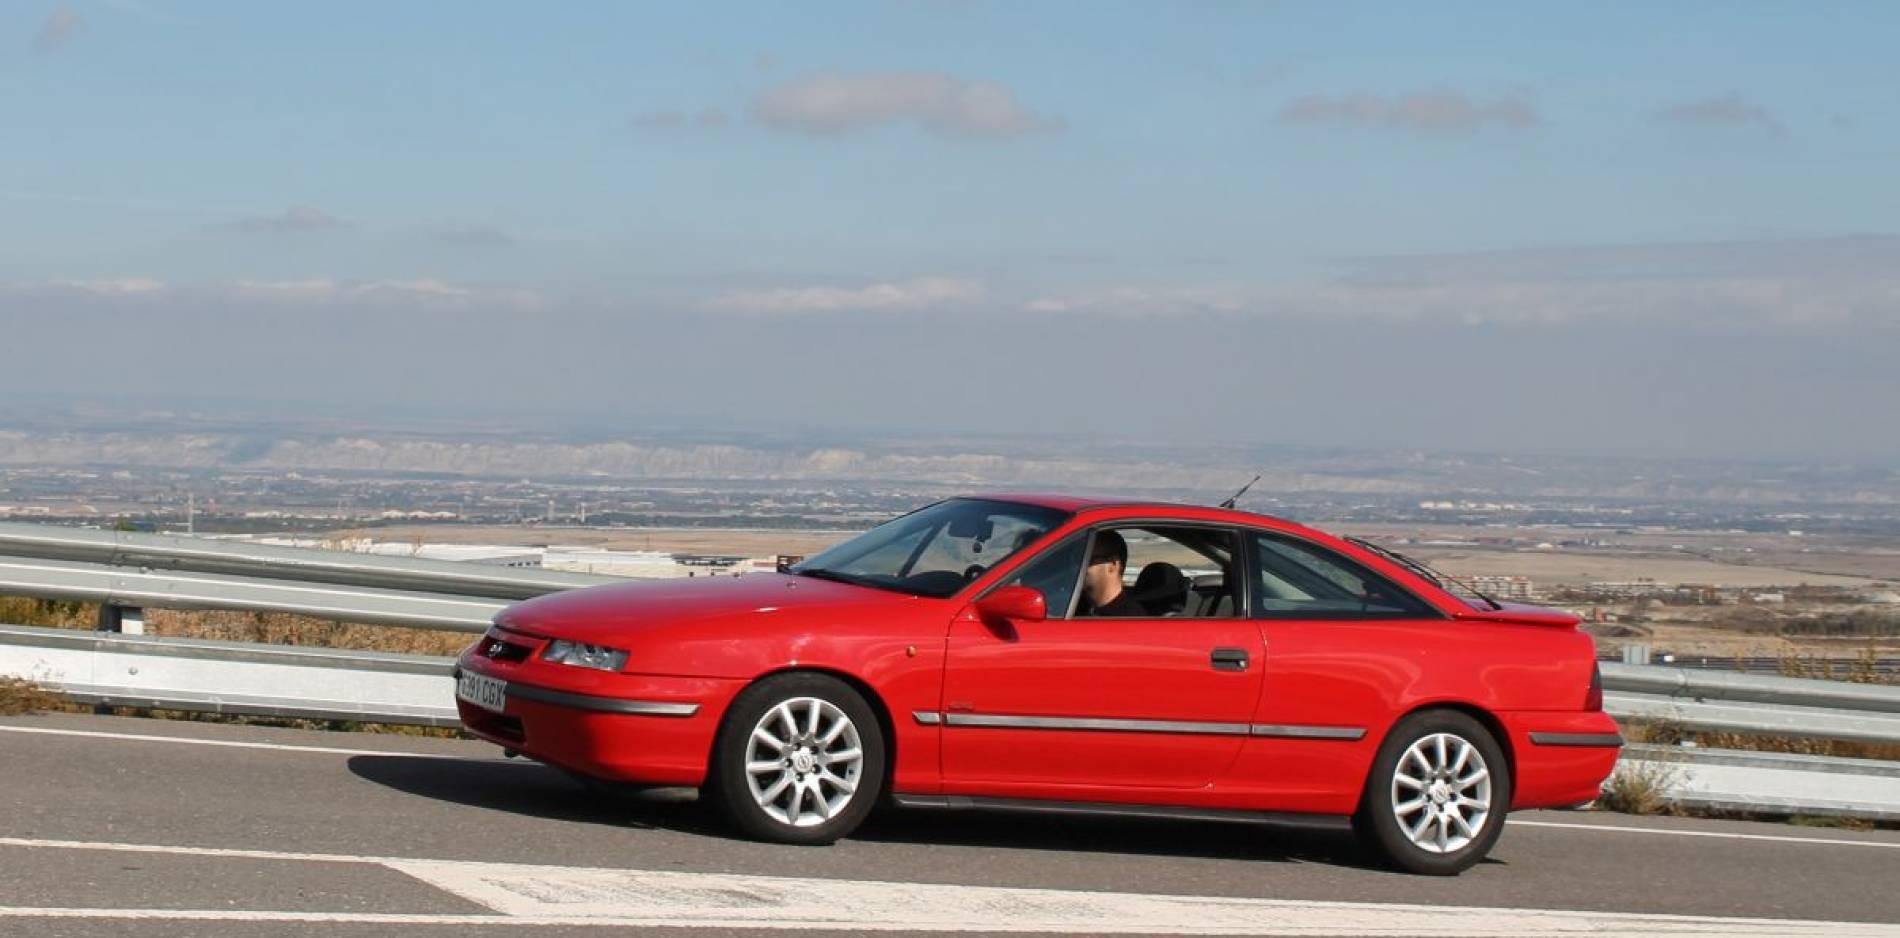 Opel Calibra Turbo: historia, modelos y prueba